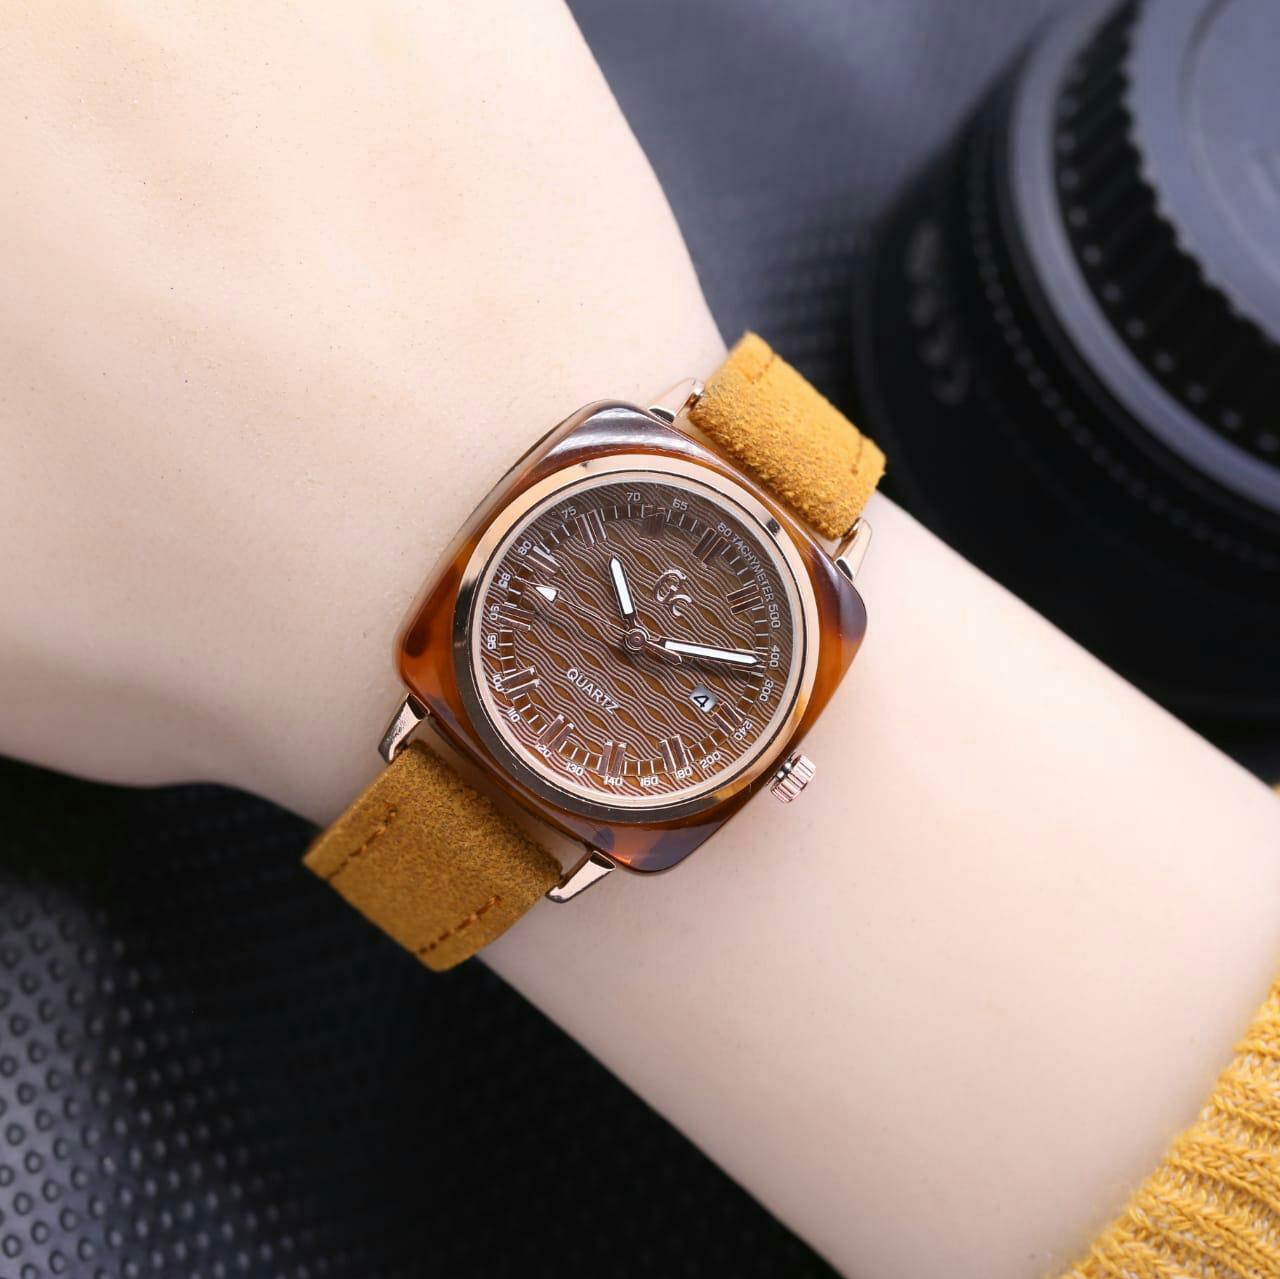 jam tangan GC tanggal aktif tali kulit